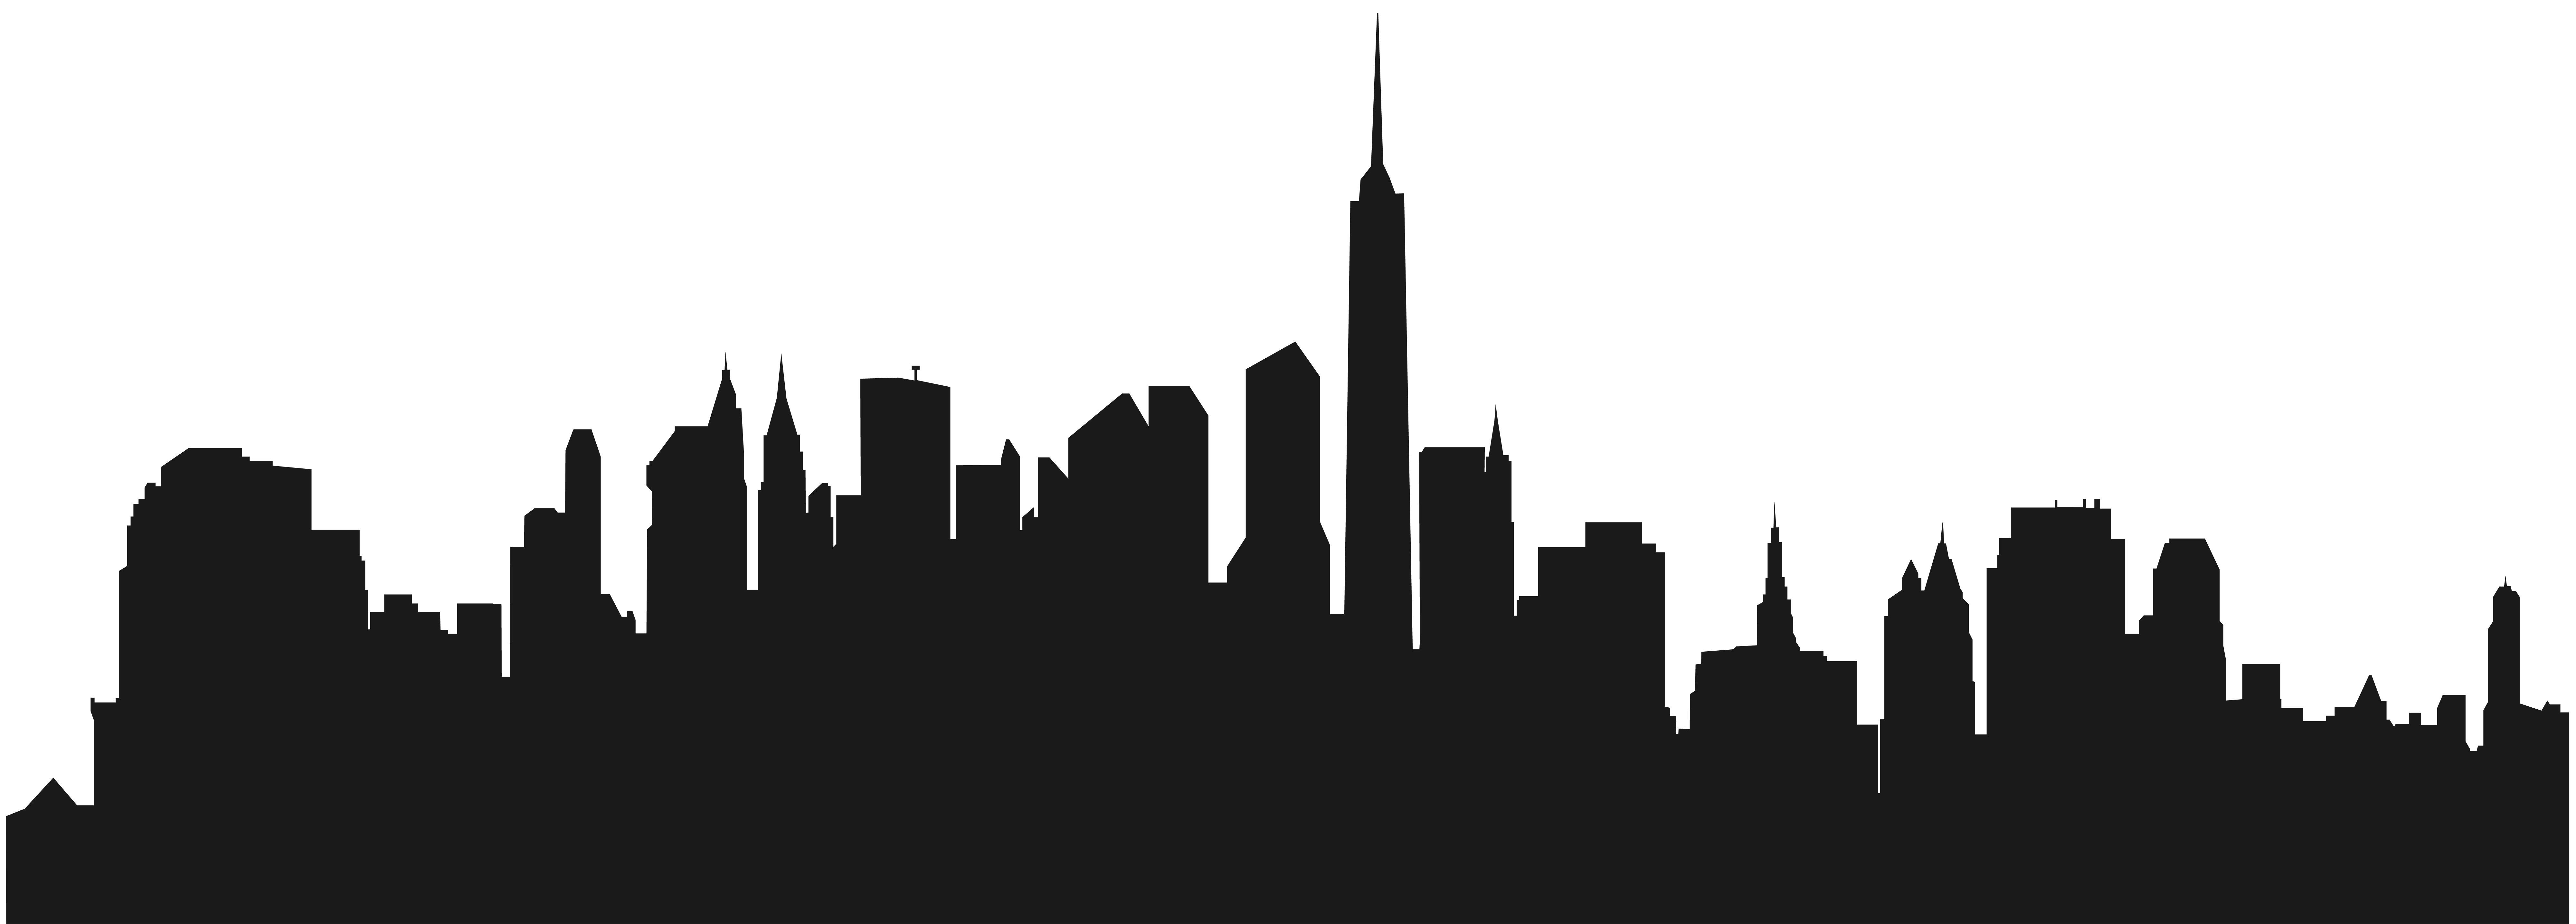 City Buildings Silhouette PNG Clip Art.